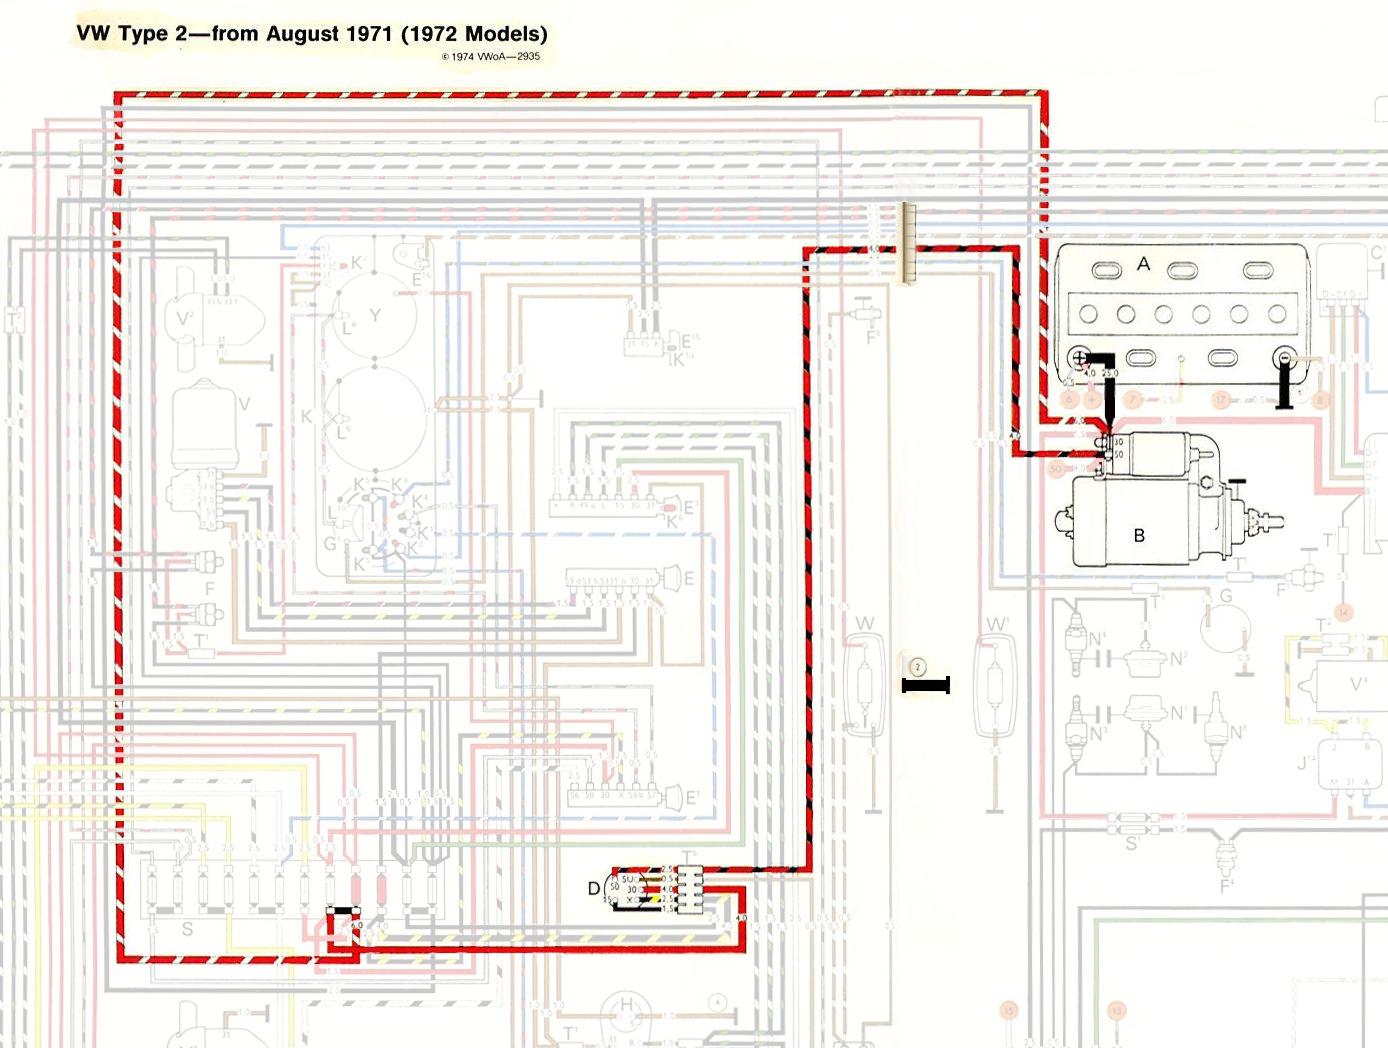 1972 vw bus wiring diagram